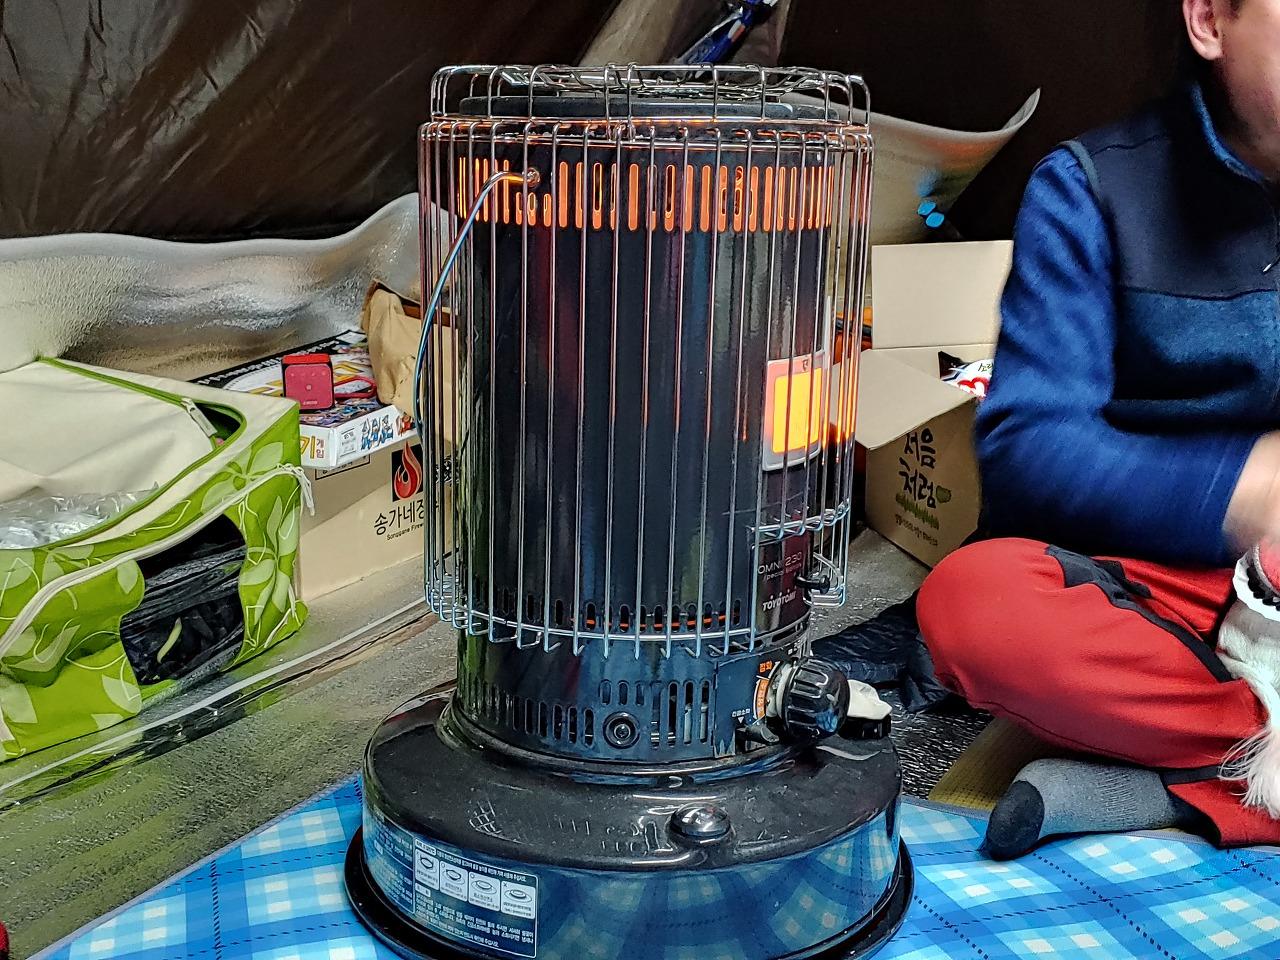 연천 캠핑장 일가족 사망사고 안전 부주의 일산화탄소 중독